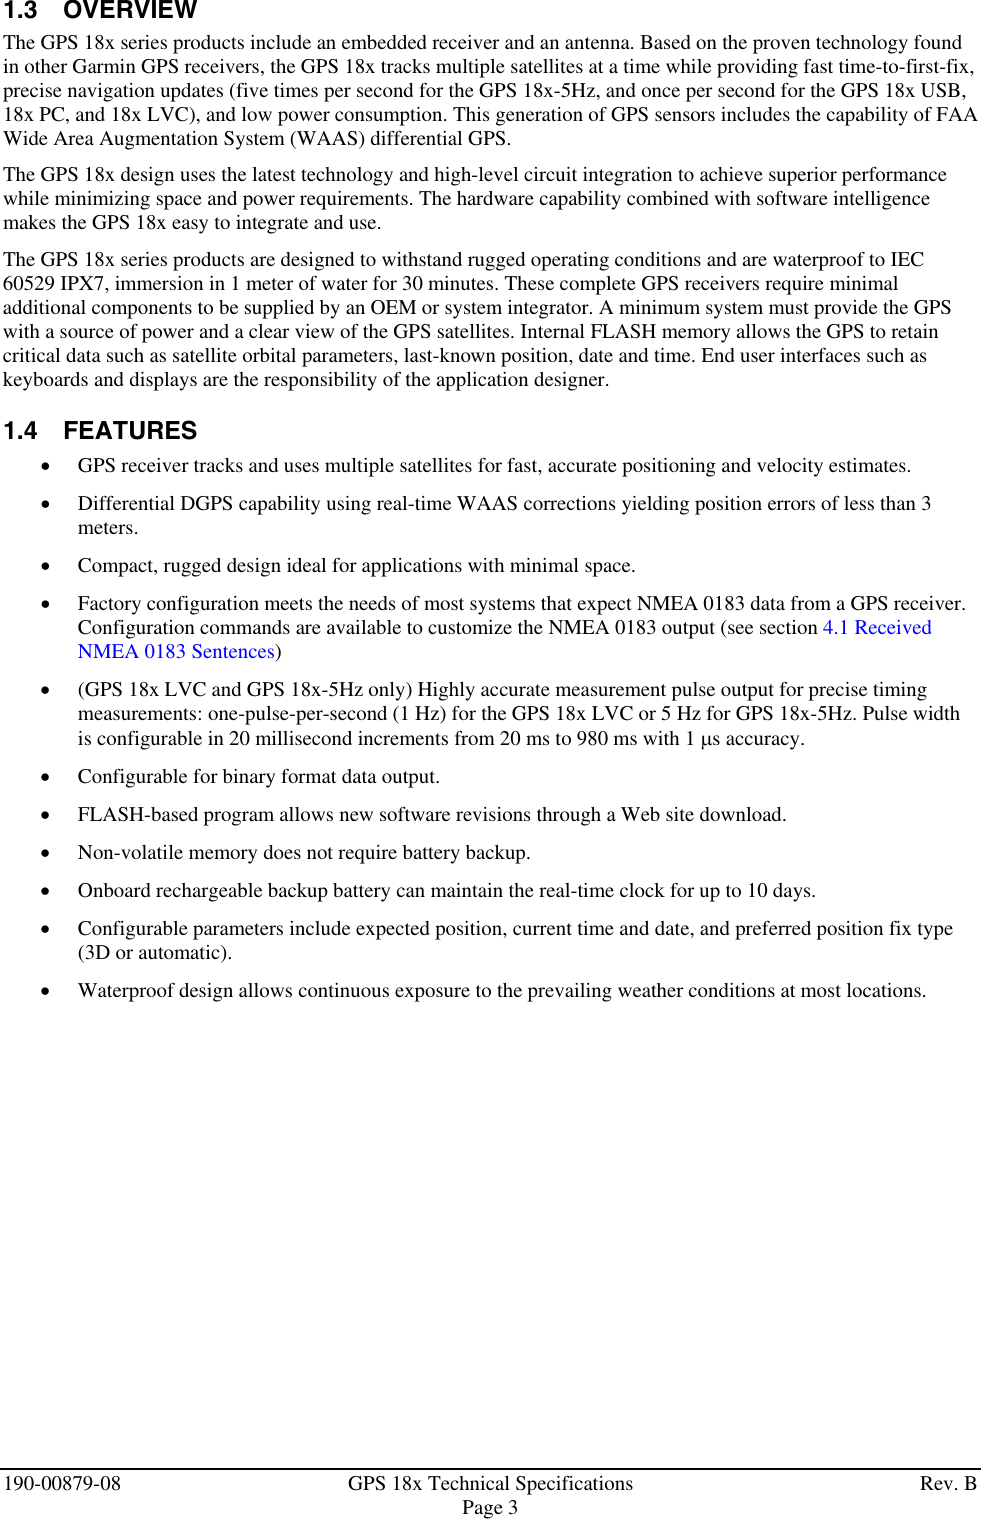 Garmin Gps 18X Users Manual